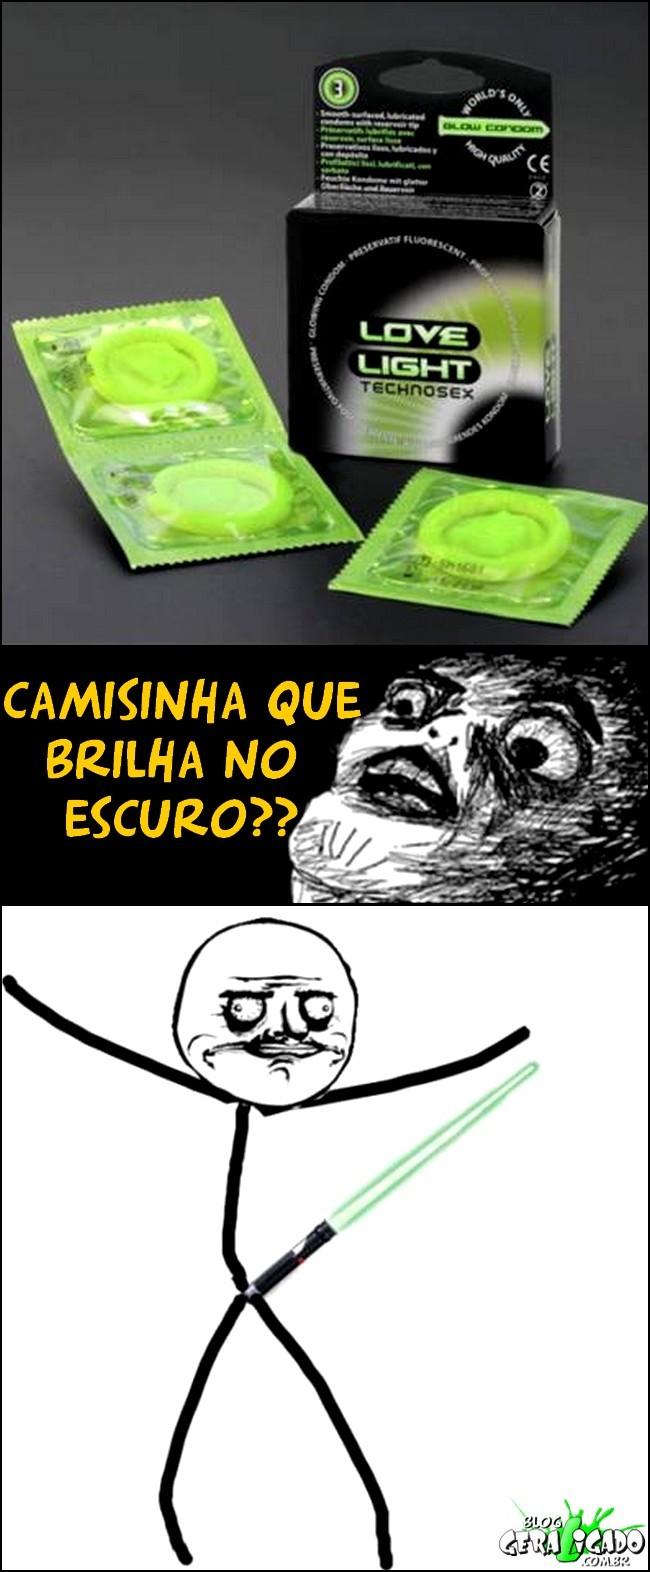 penis de luz - Meme by lucasmstos :) Memedroid